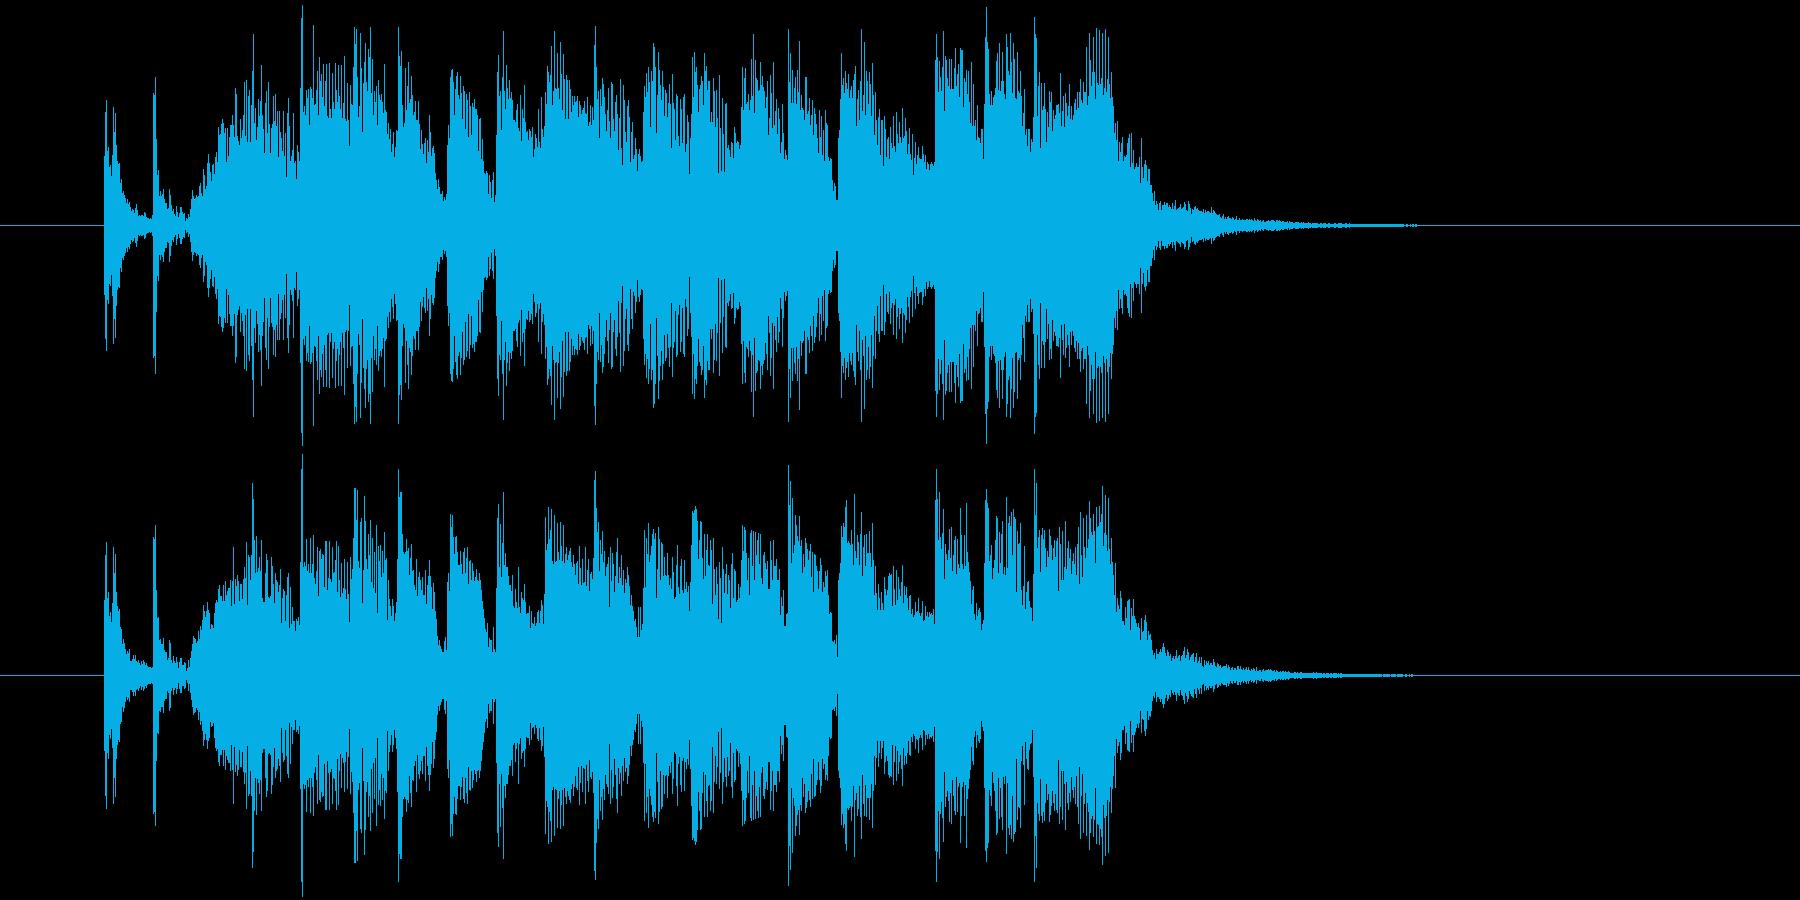 疾走感とドキドキ感のピアノギターサウンドの再生済みの波形